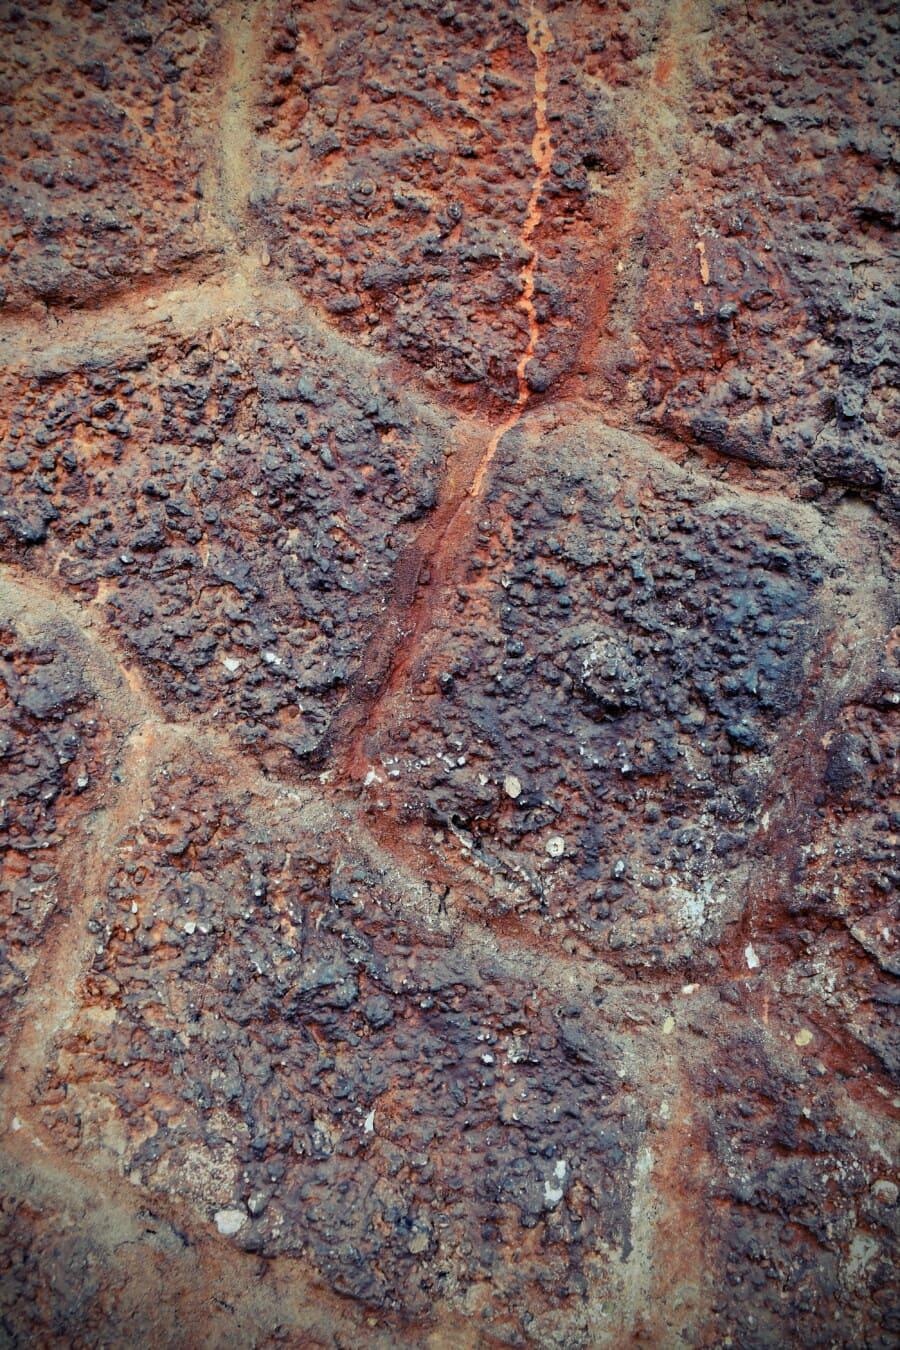 Steinmauer, aus nächster Nähe, Steine, Staub, Details, dreckig, Grunge, alt, Wand, Textur